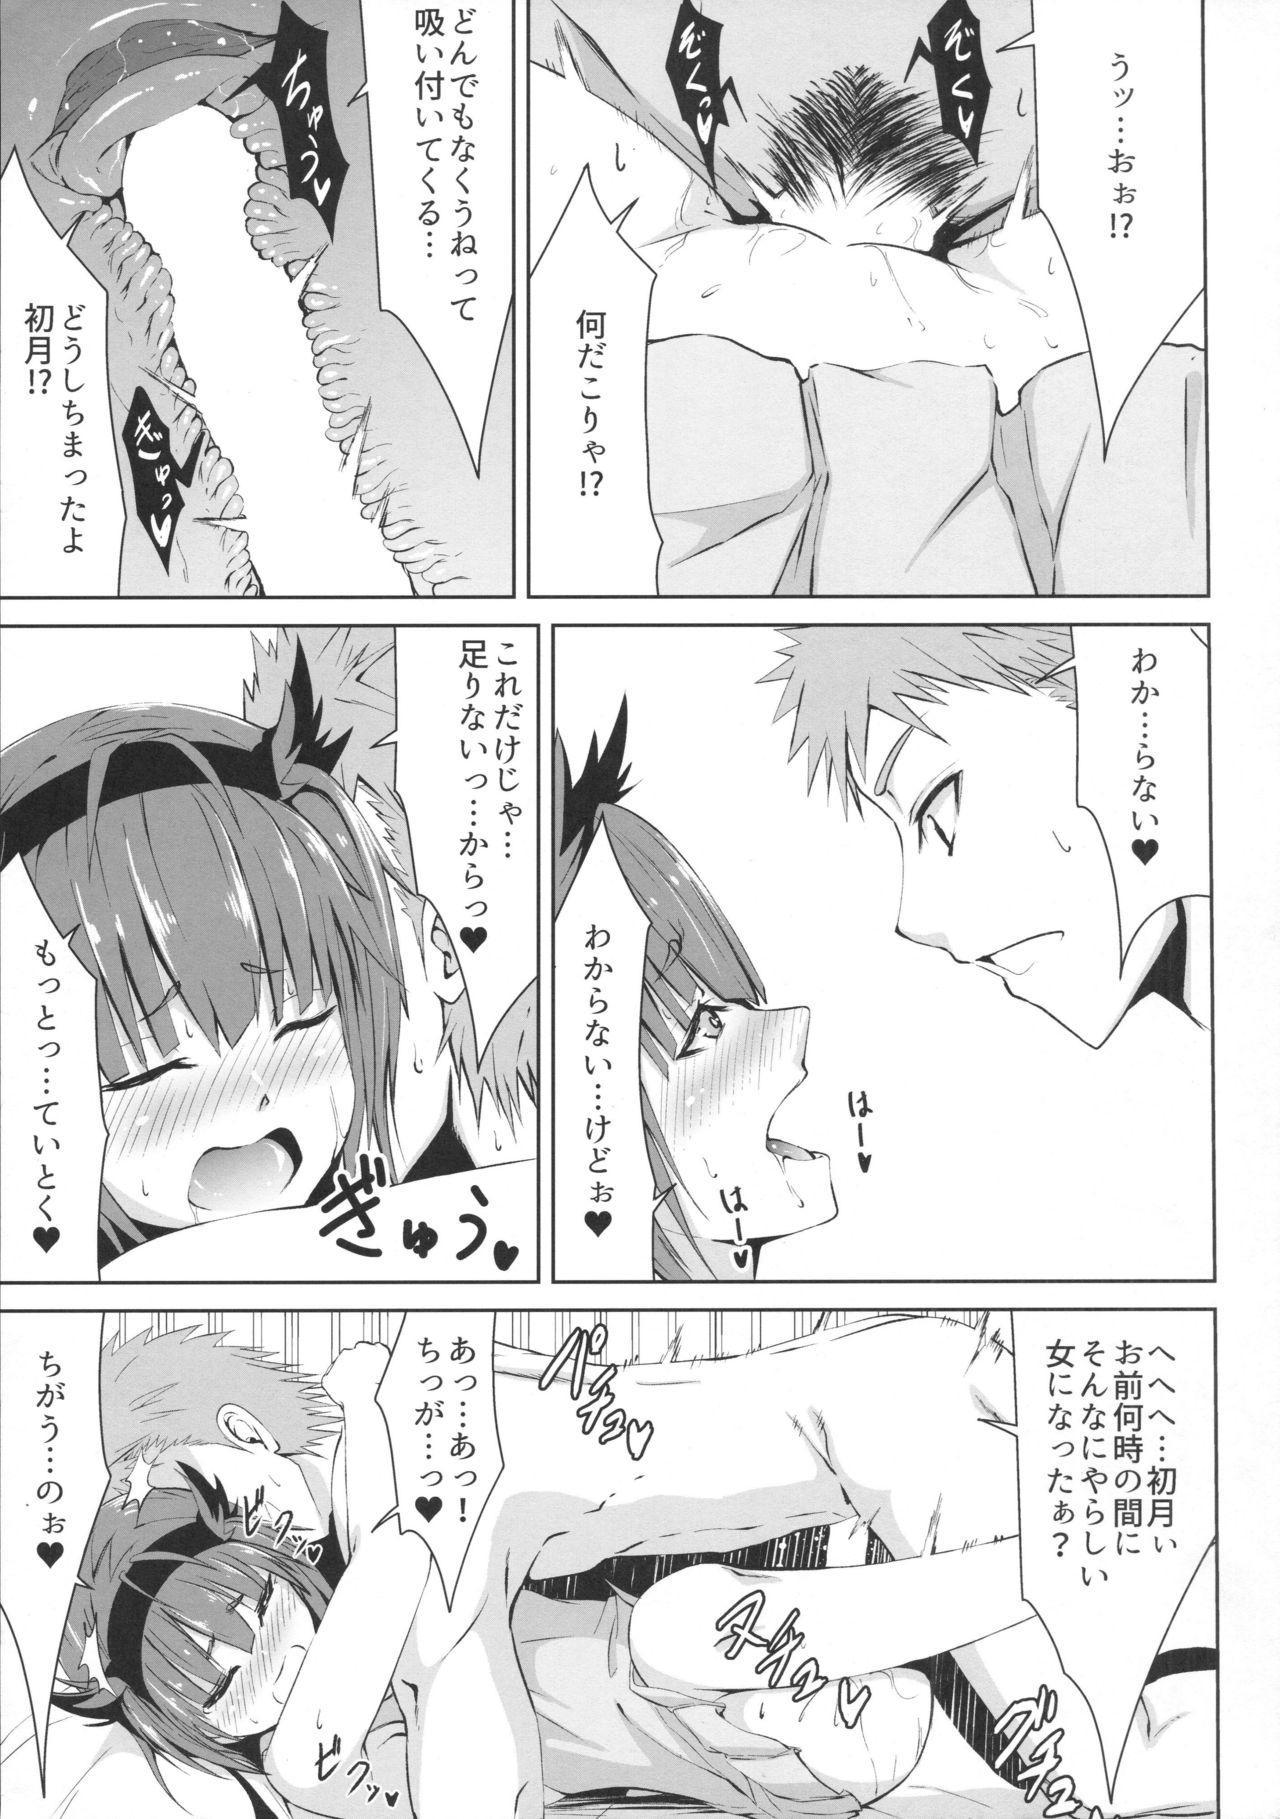 Mitsugetsu Destroyer 2 15